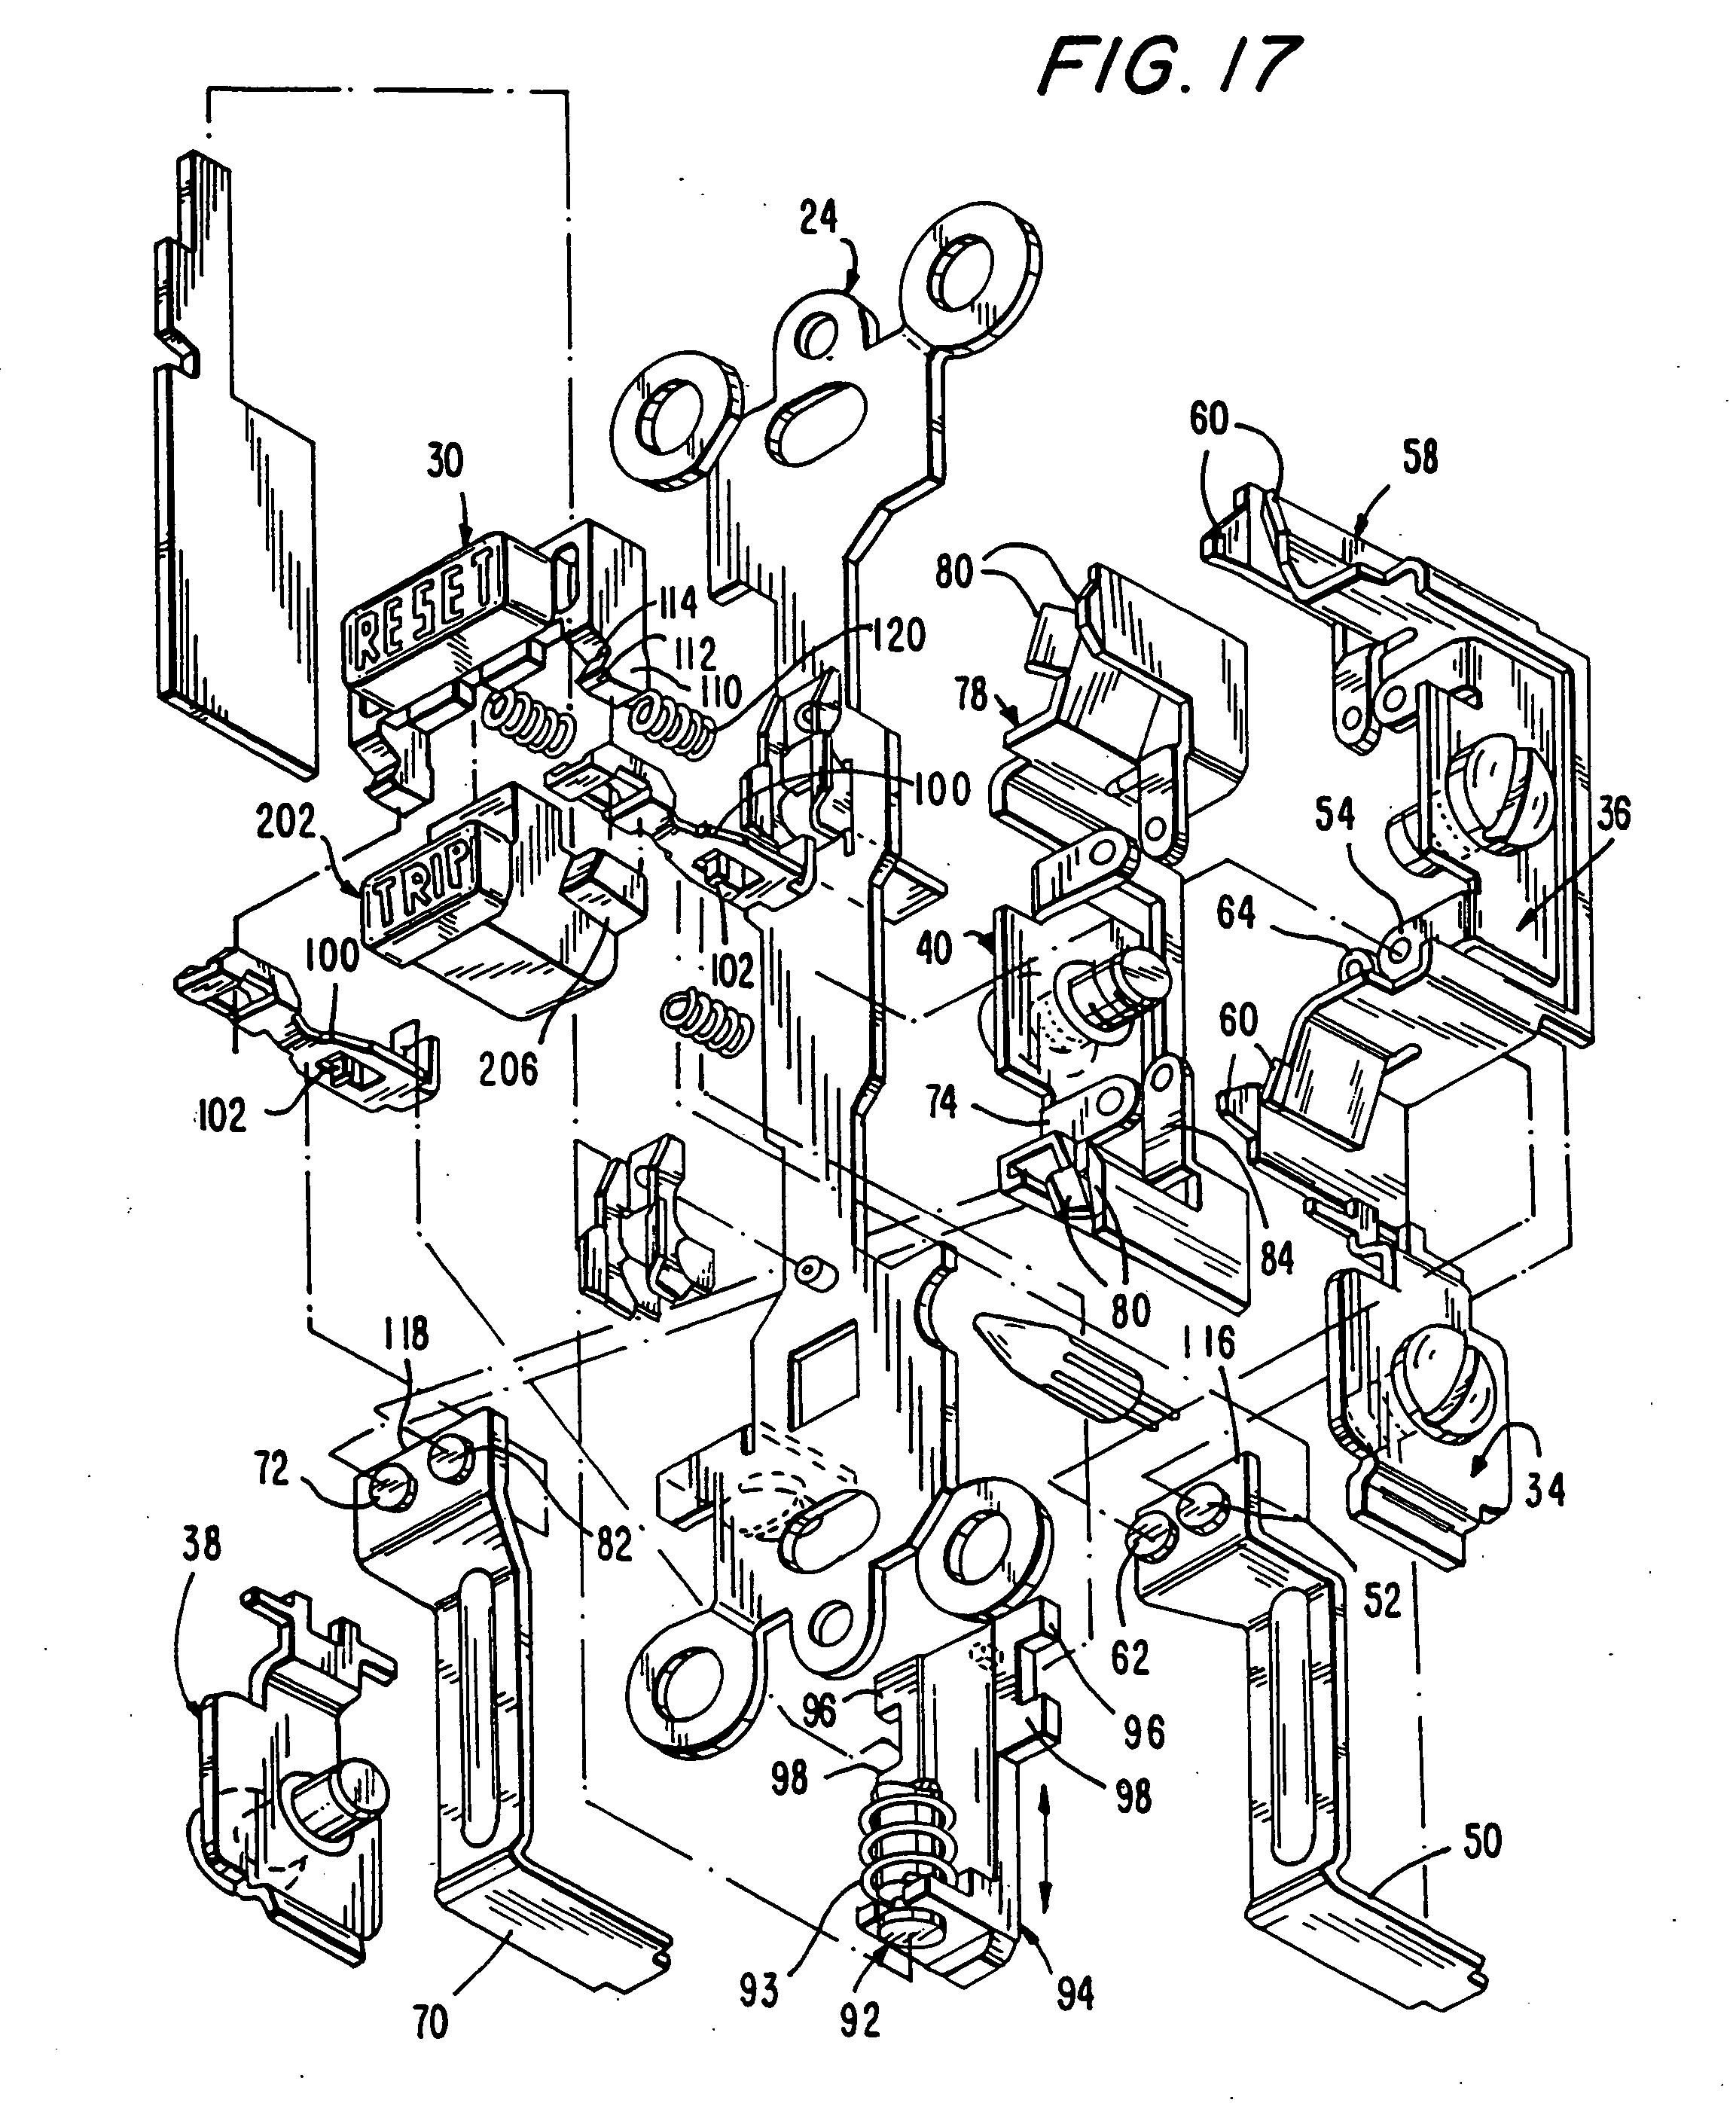 patent us20050002138